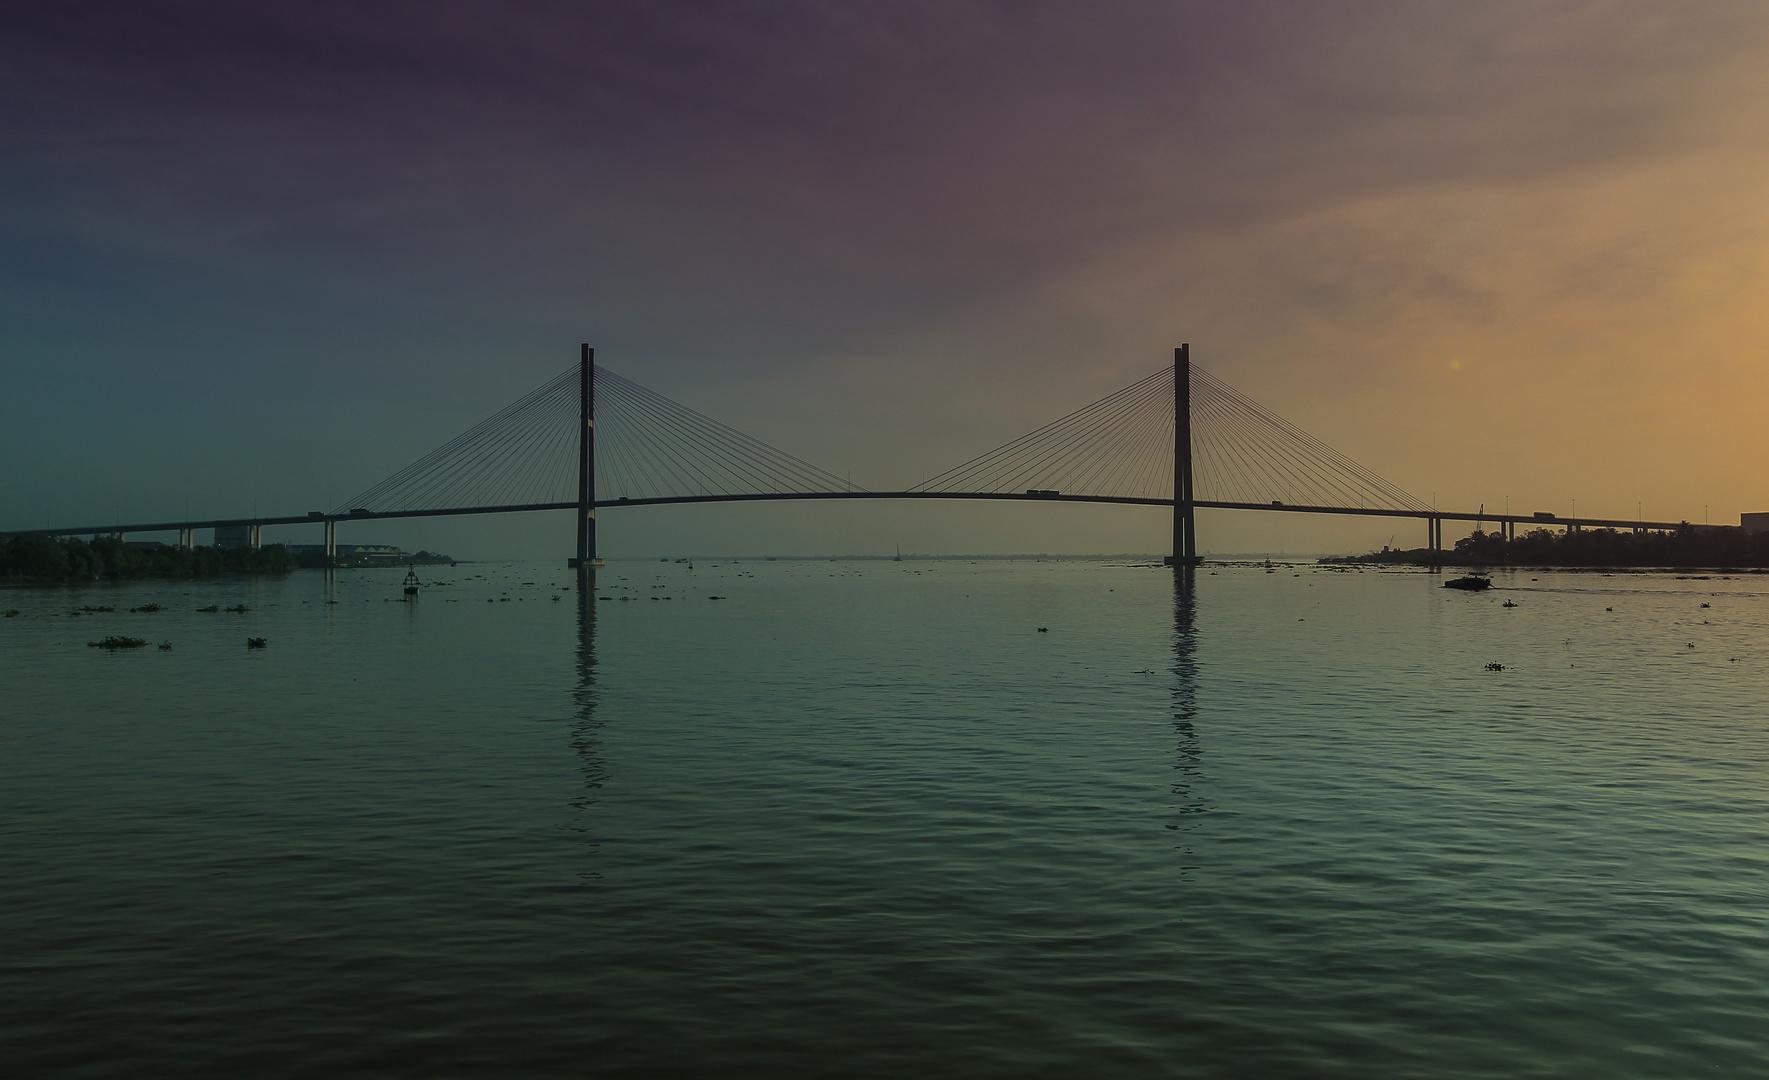 Mekong, Brücke im Sonnenaufgang